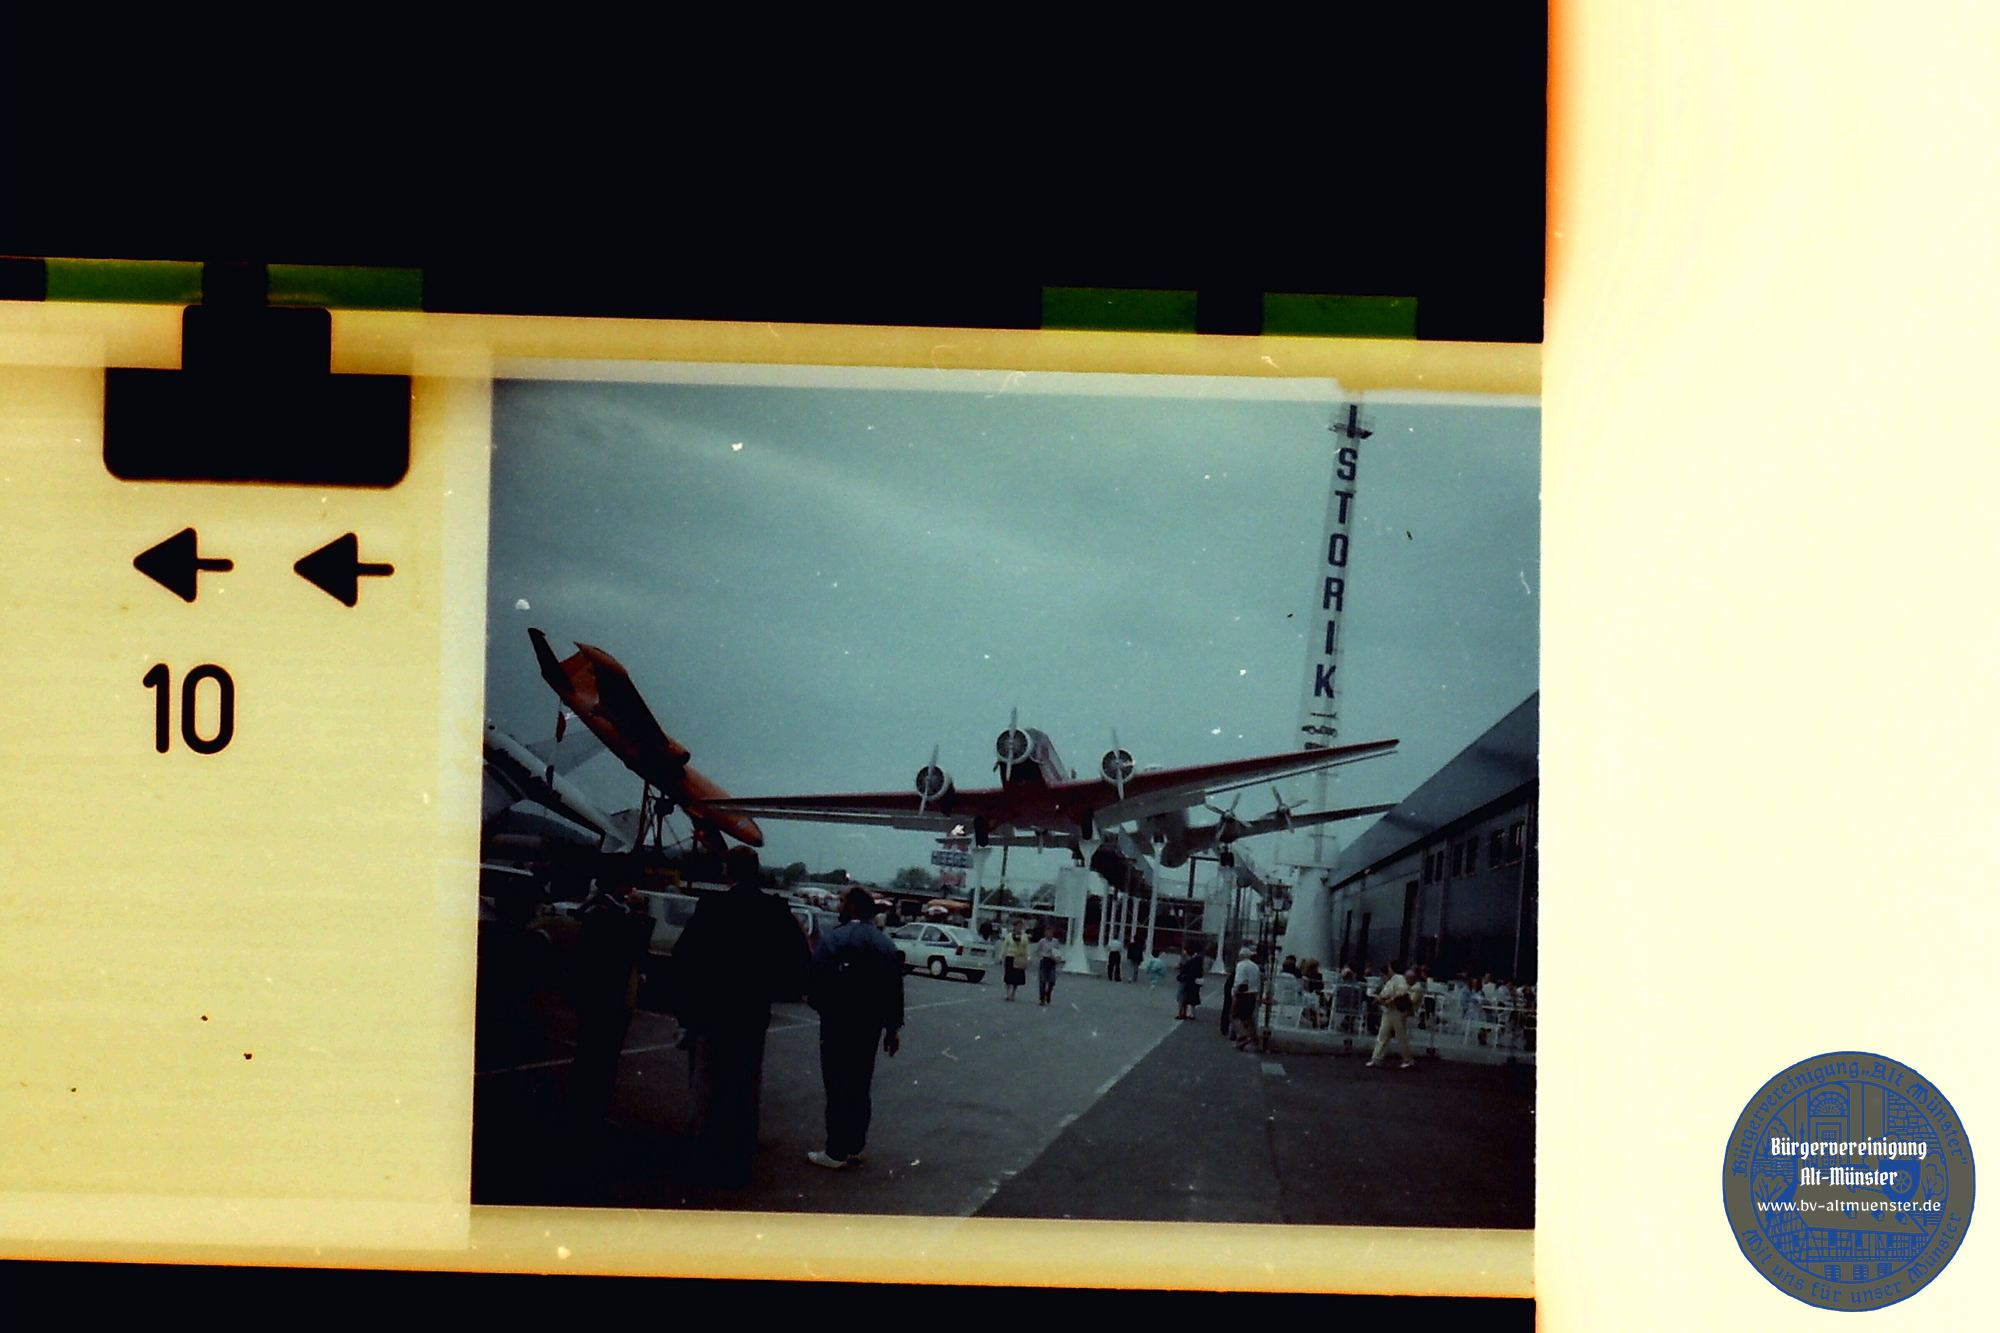 1987: Ausflug nach Sinsheim · BVAM · Bürgervereinigung Alt-Münster e.V.